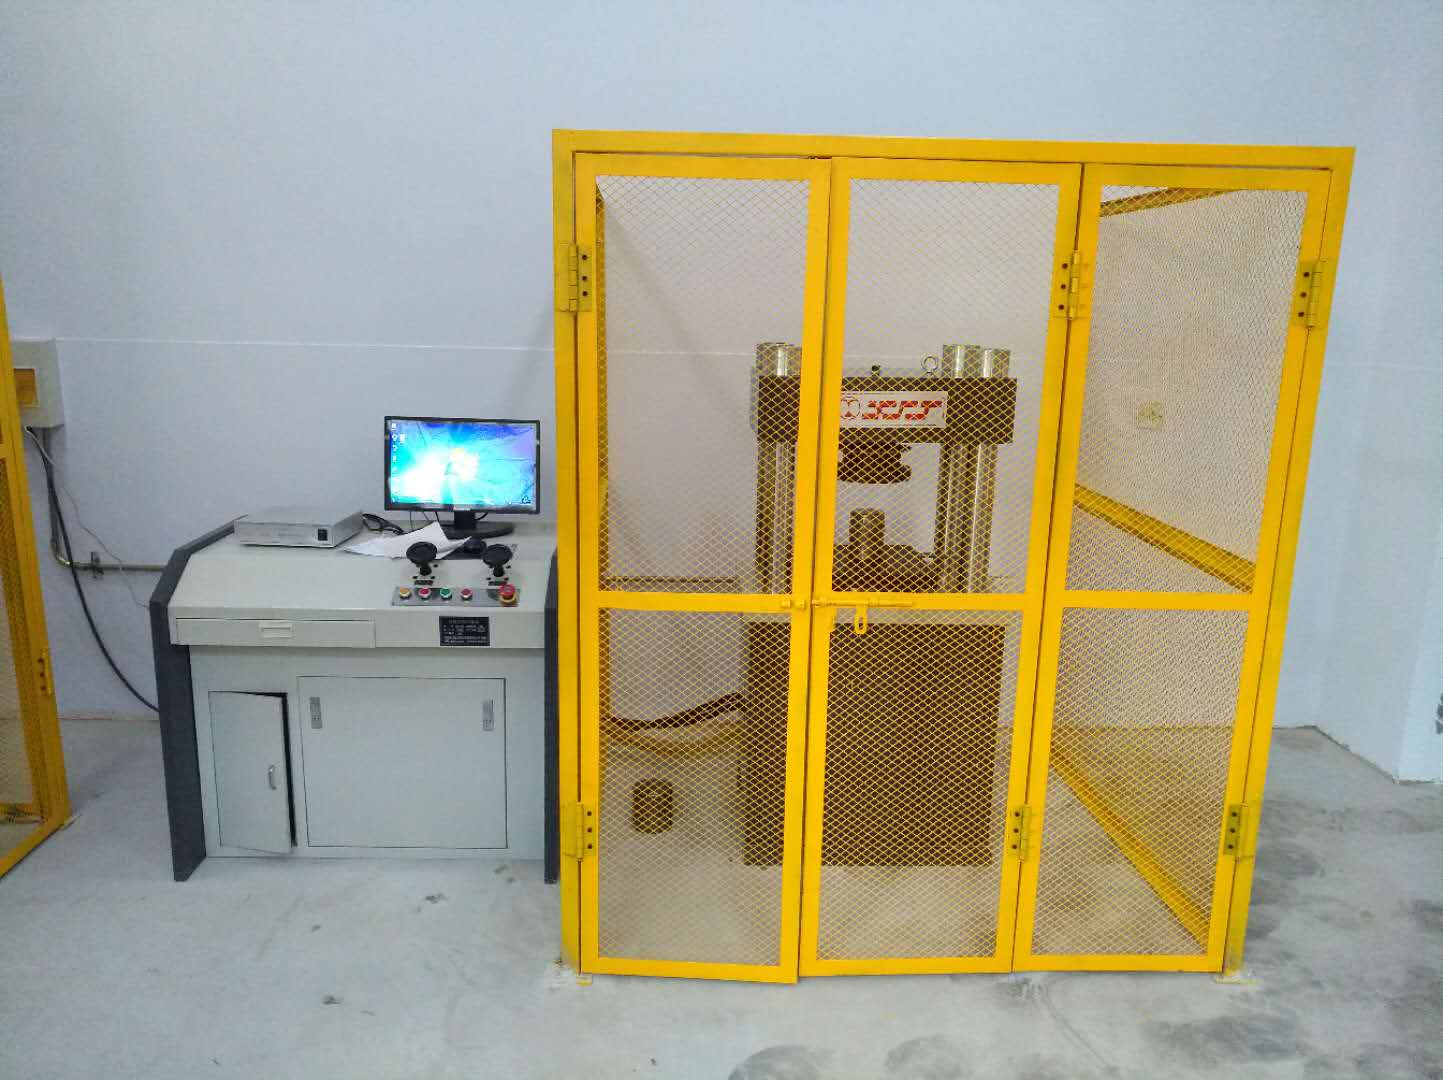 我司研发油田拉压力表检测仪,已交付多家油田使用。